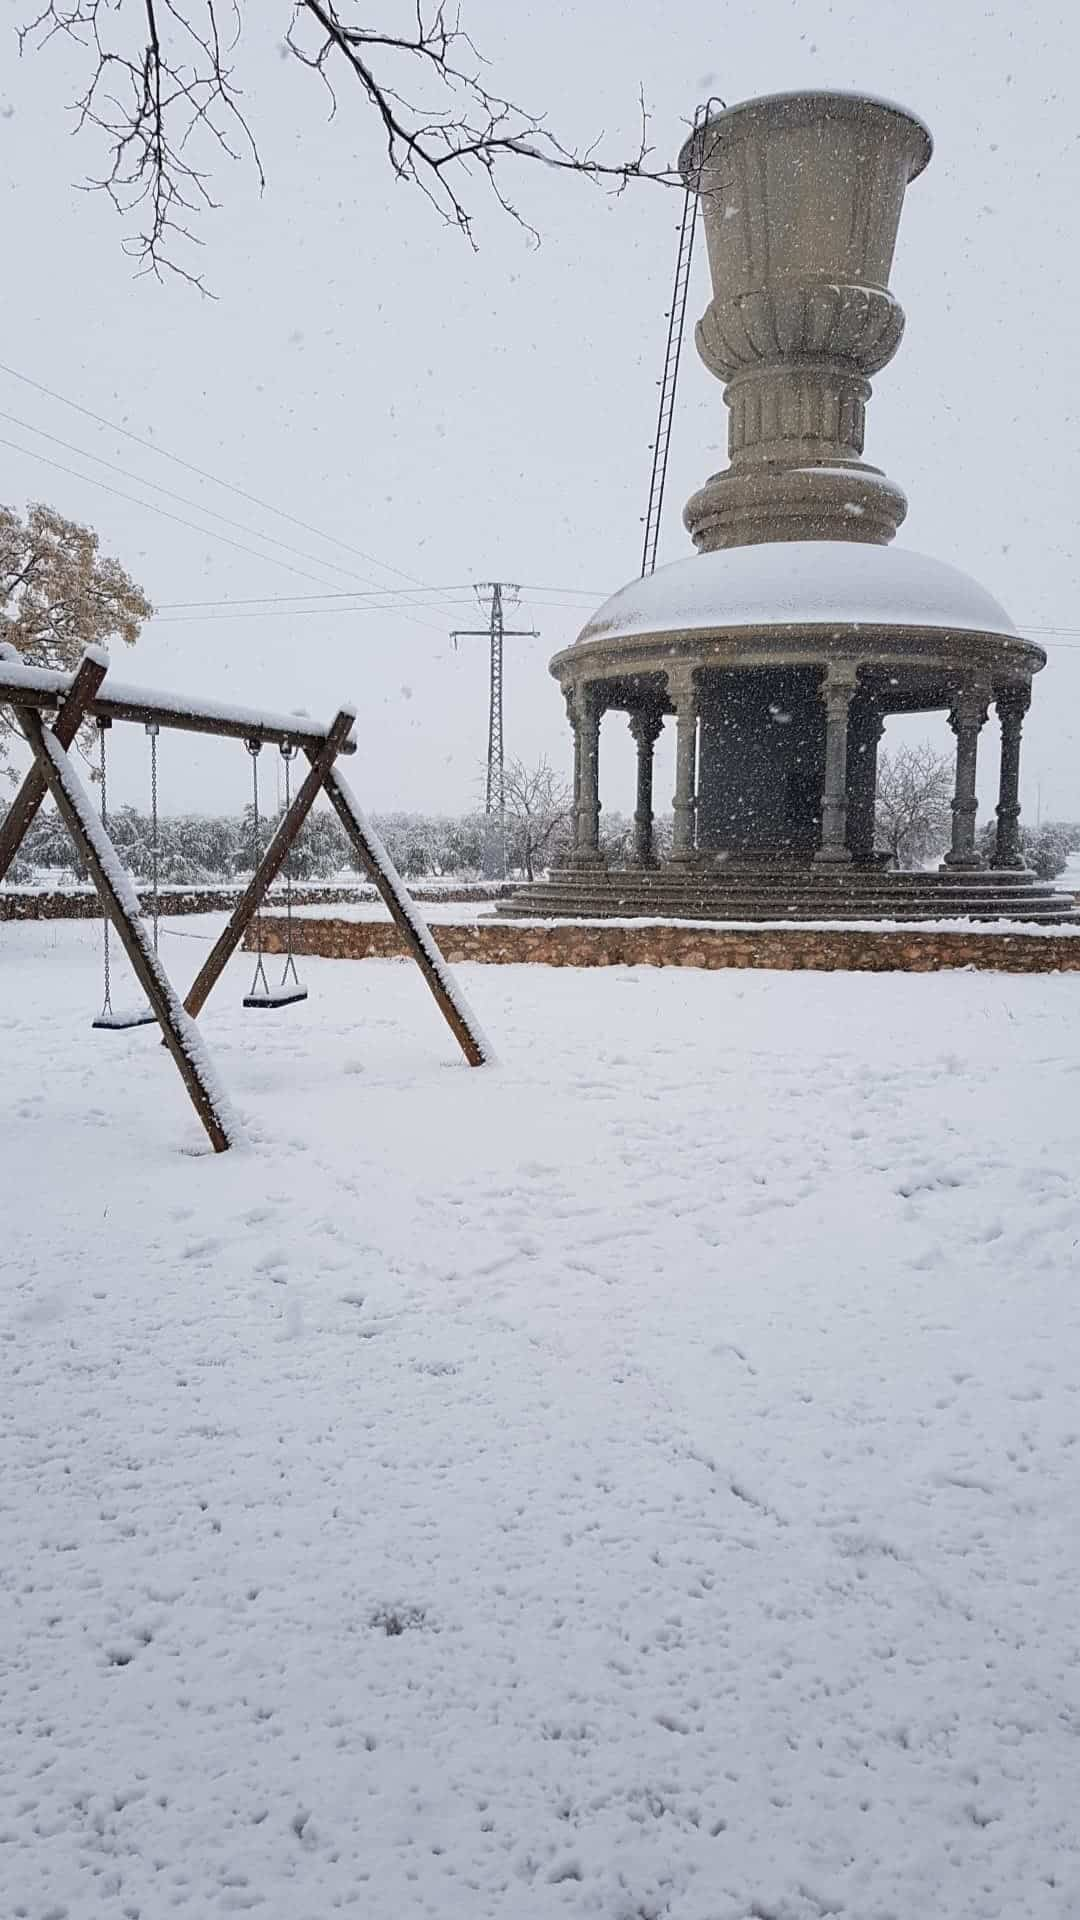 Las nevadas llegan Herencia y a toda Castilla-La Mancha (actualizado) 100